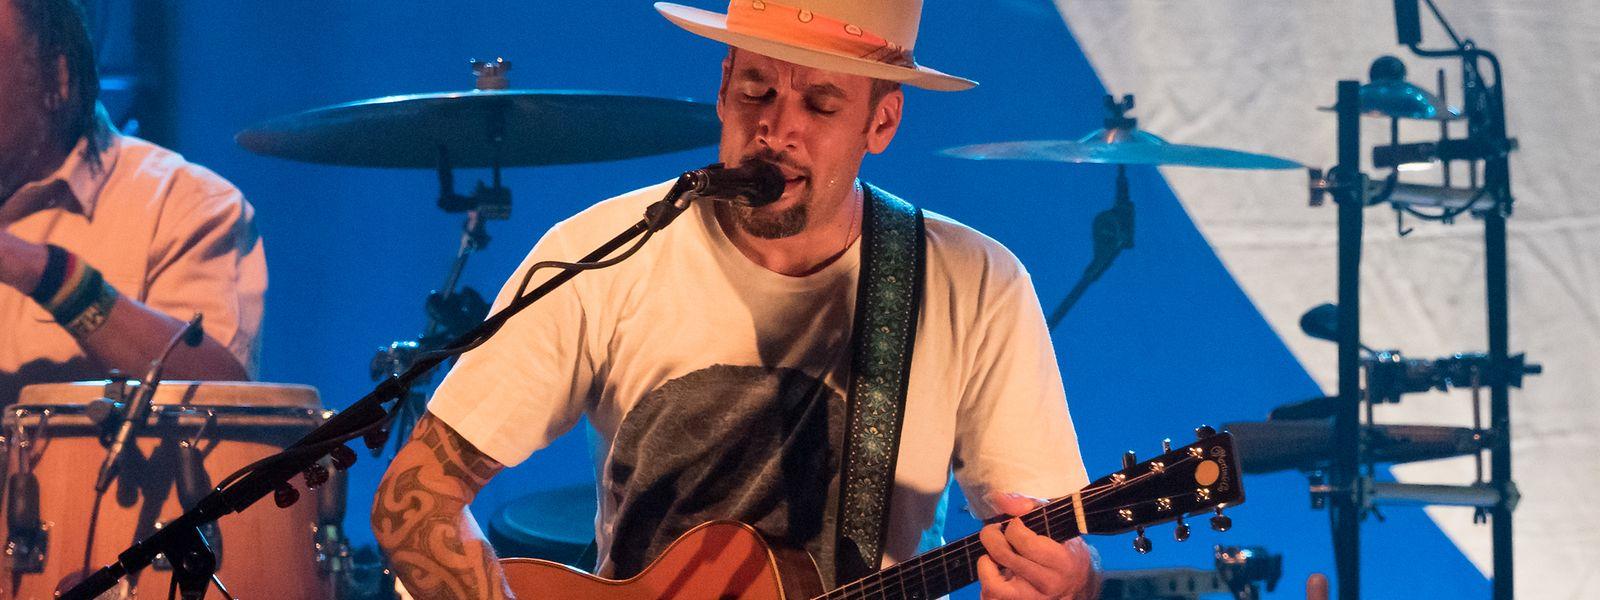 Ben Harper kehrt nach seinem Auftritt im Jahr 2016 mit neuen Songs in die Rockhal zurück.